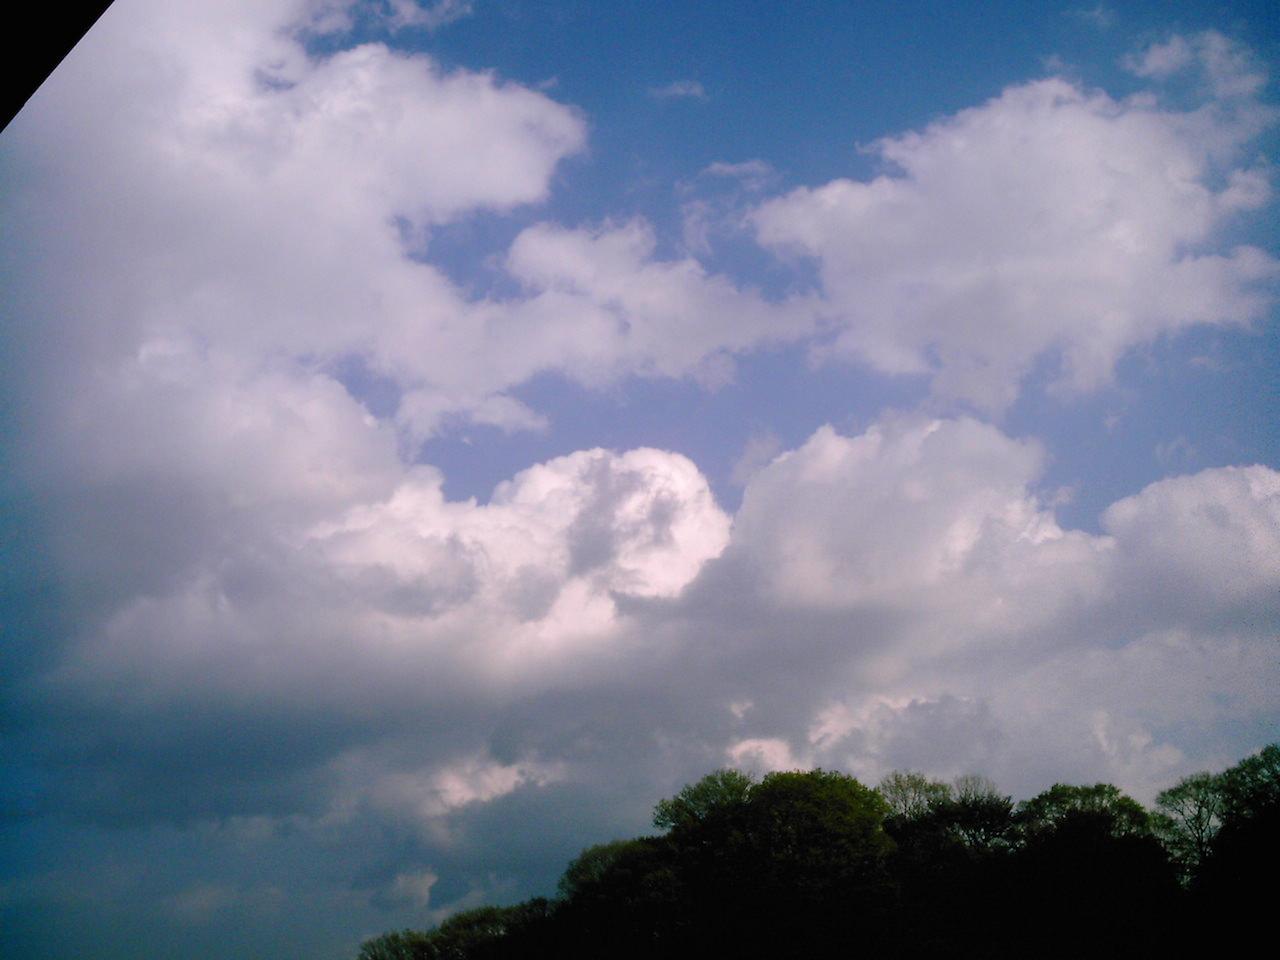 Polaroid-a520_sky20140814-3.jpg